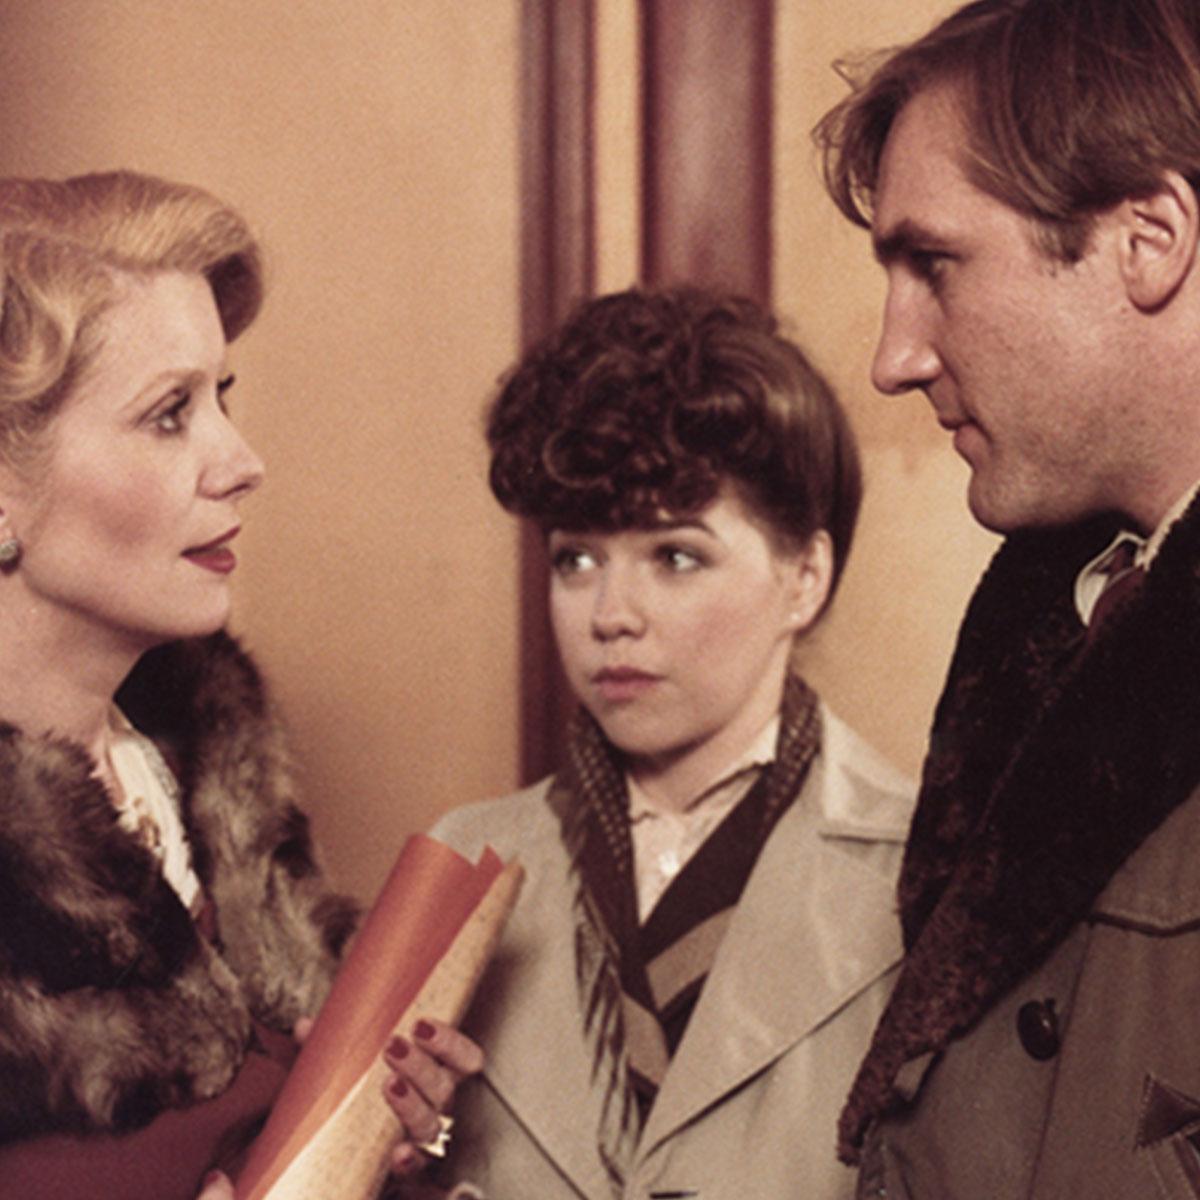 un hombre y dos mujeres de los años 40 en la película el ultimo metro de Truffaut